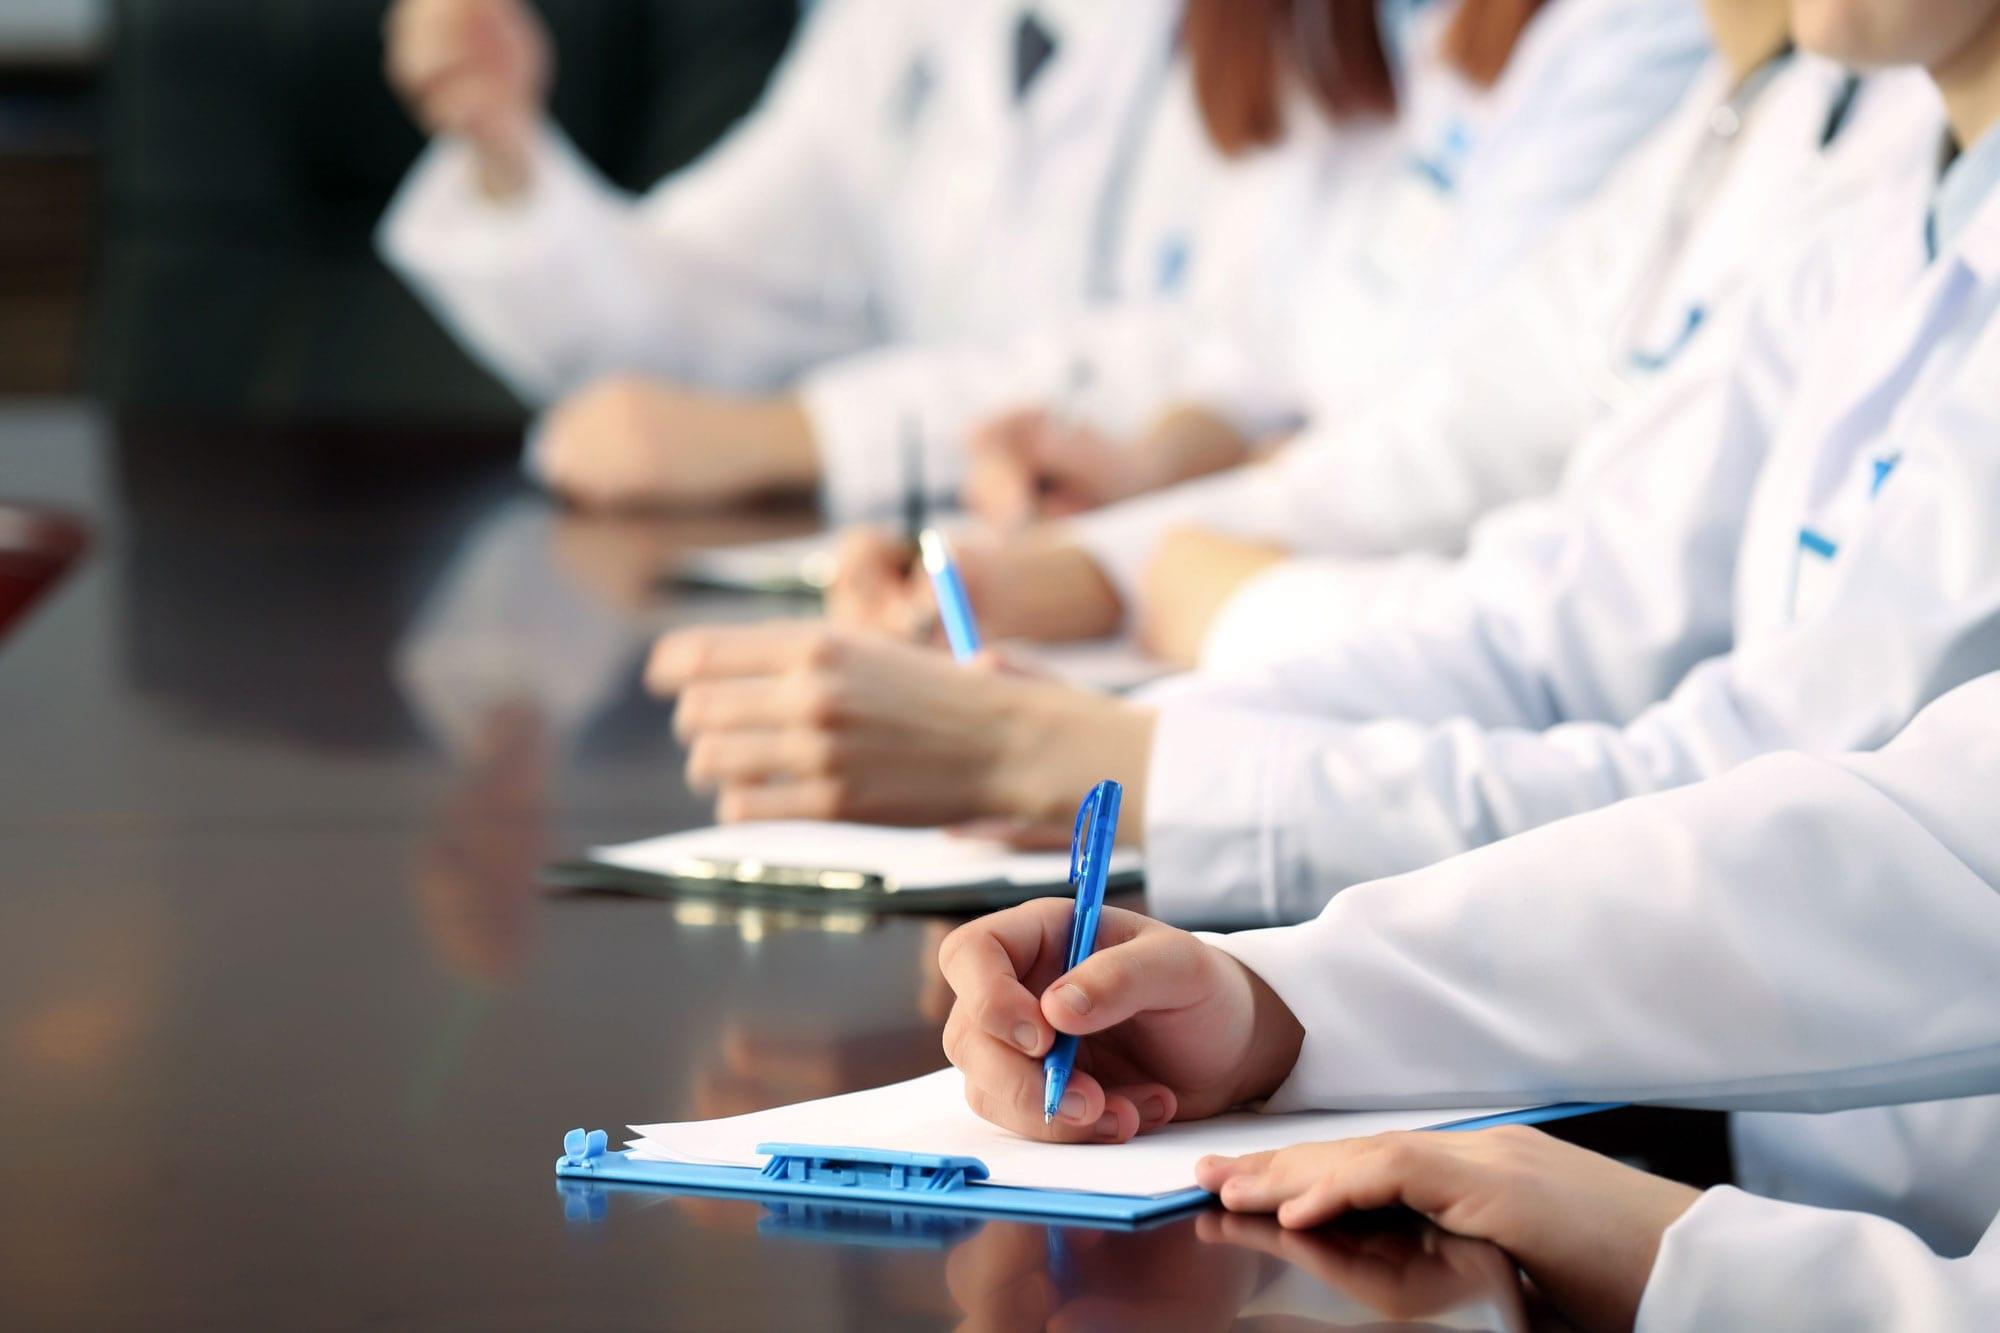 Минздрав решил отменить мораторий на получение свидетельств об аккредитации врачей